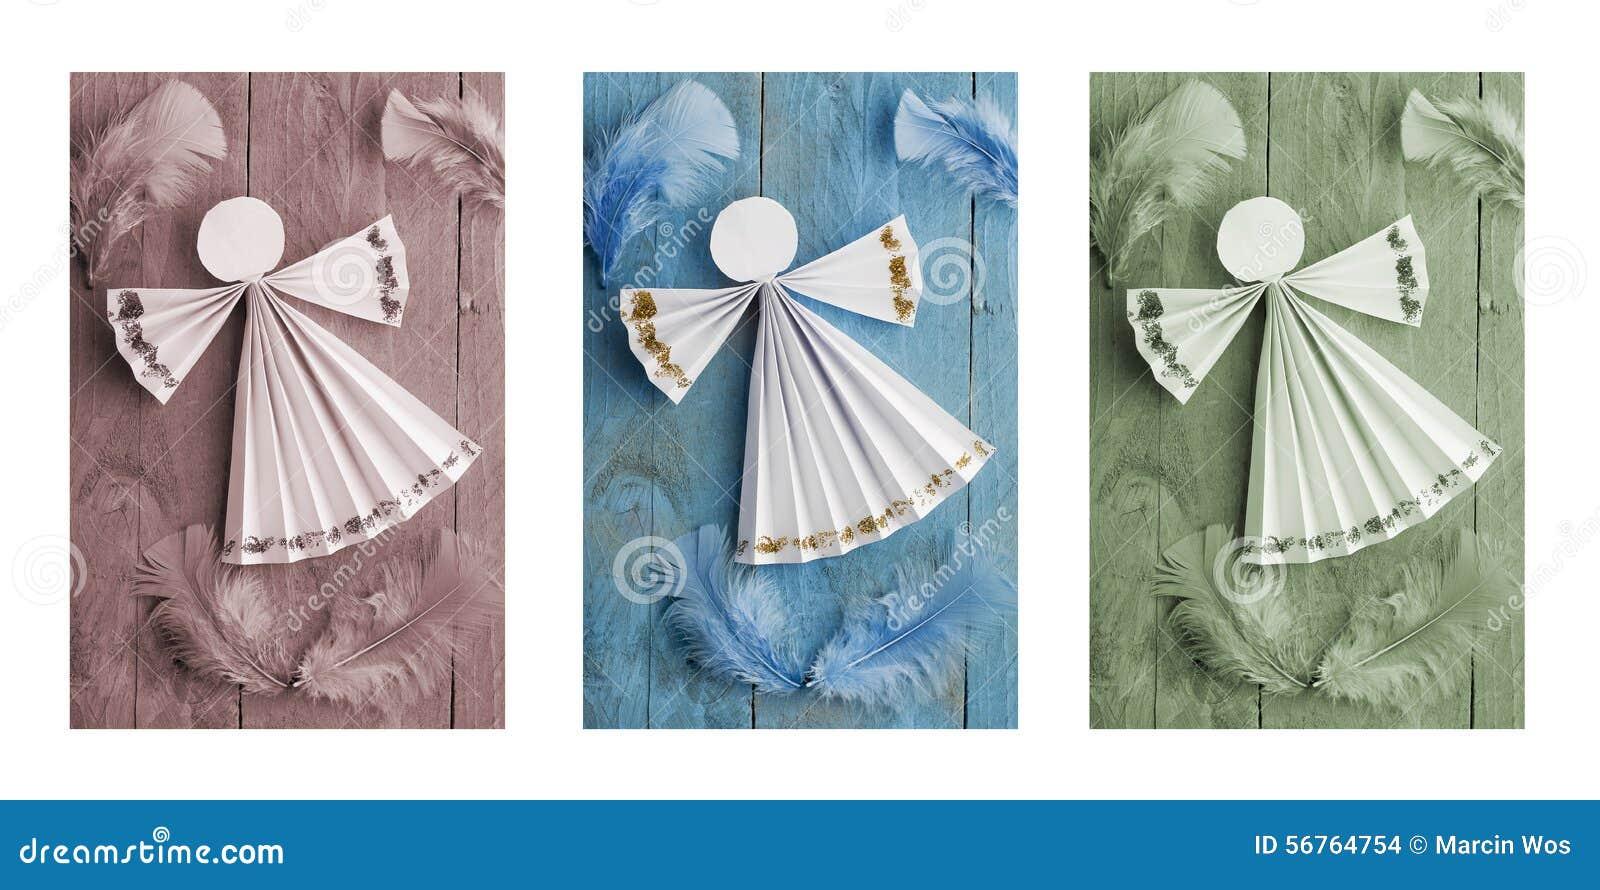 Ангелы с бумаги своими руками